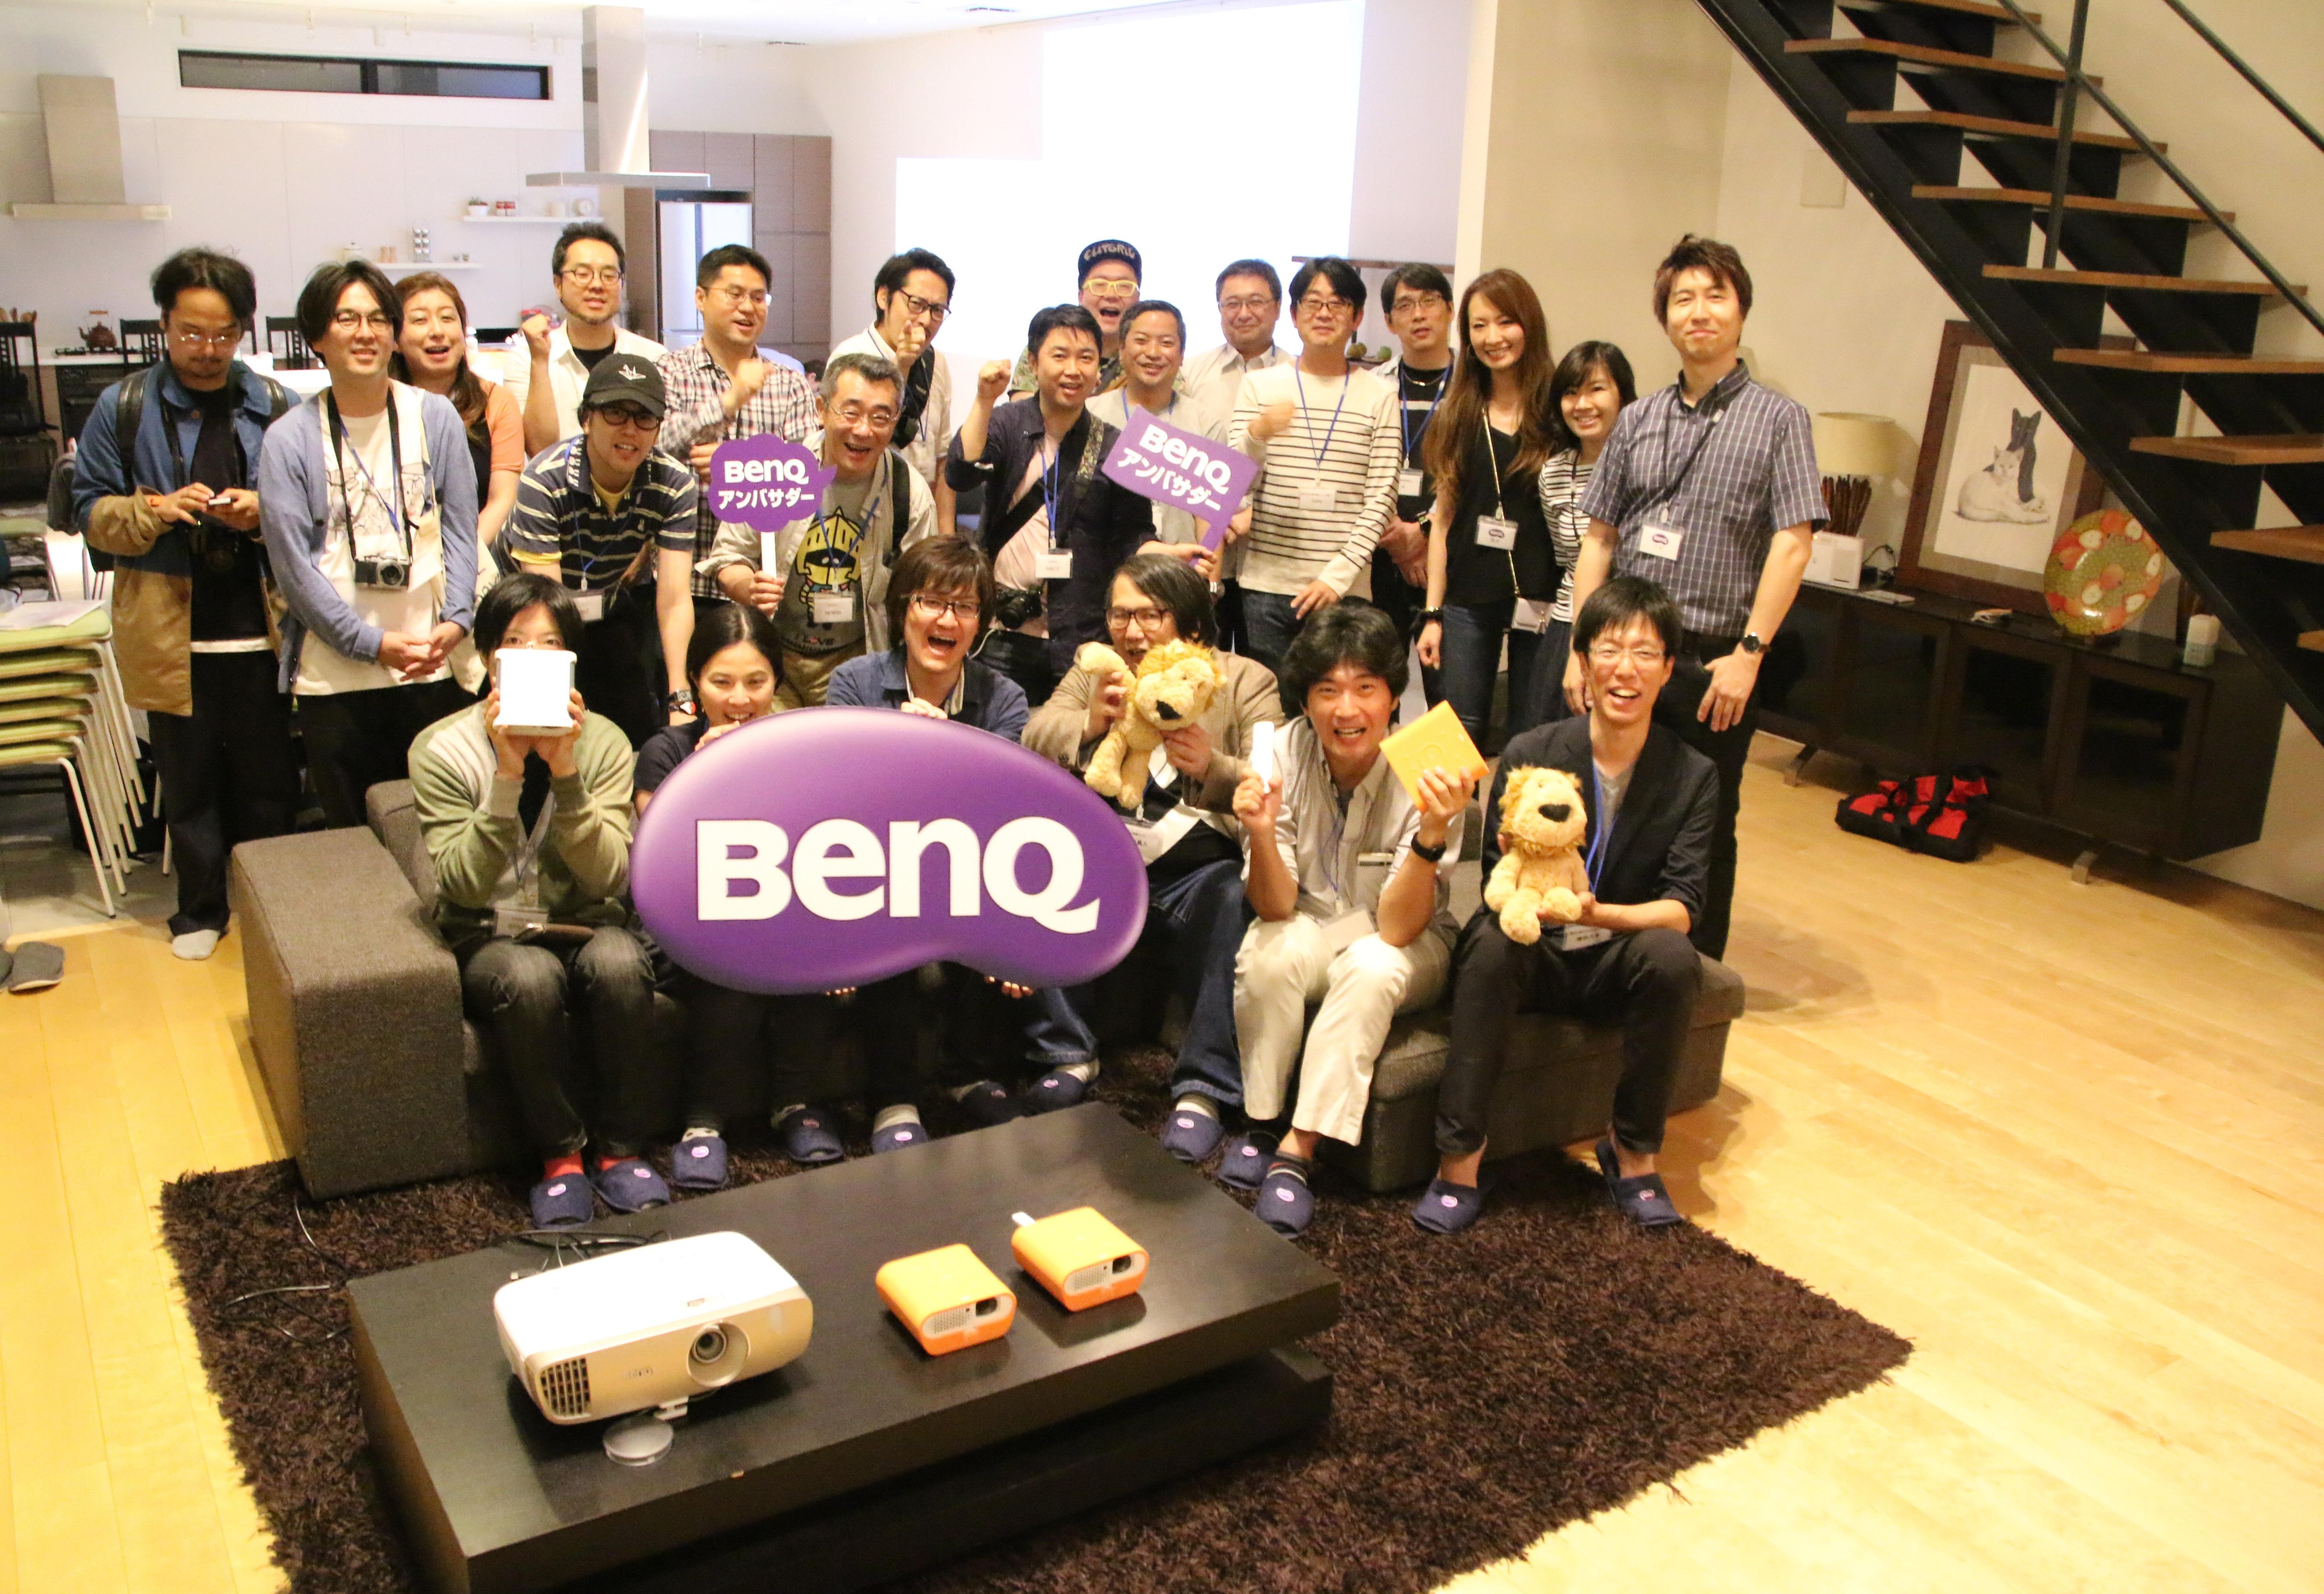 BenQアンバサダー活動報告 第4回BenQアンバサダーイベント『BenQ GS1 体験イベント』を開催しました。#BenQアンバサダー